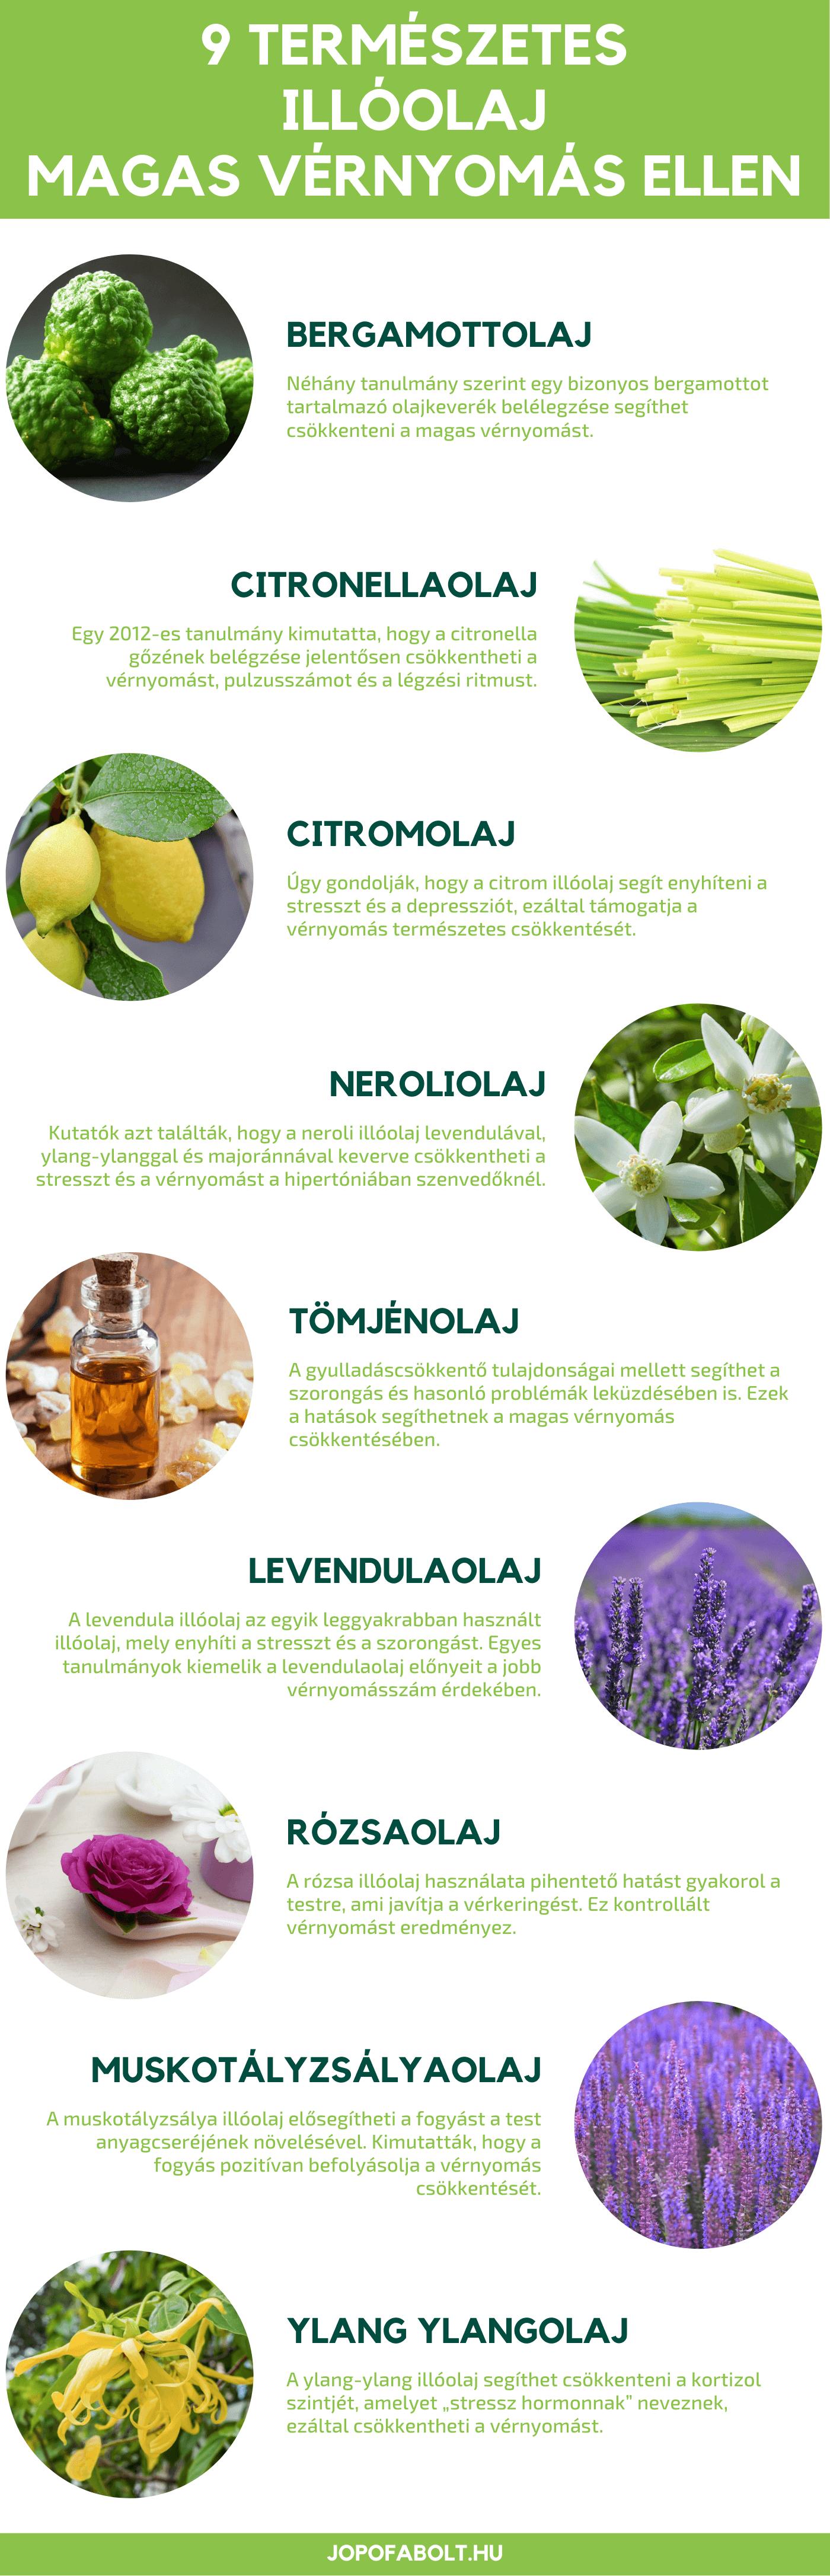 természetes tea, amely segít a fogyásban